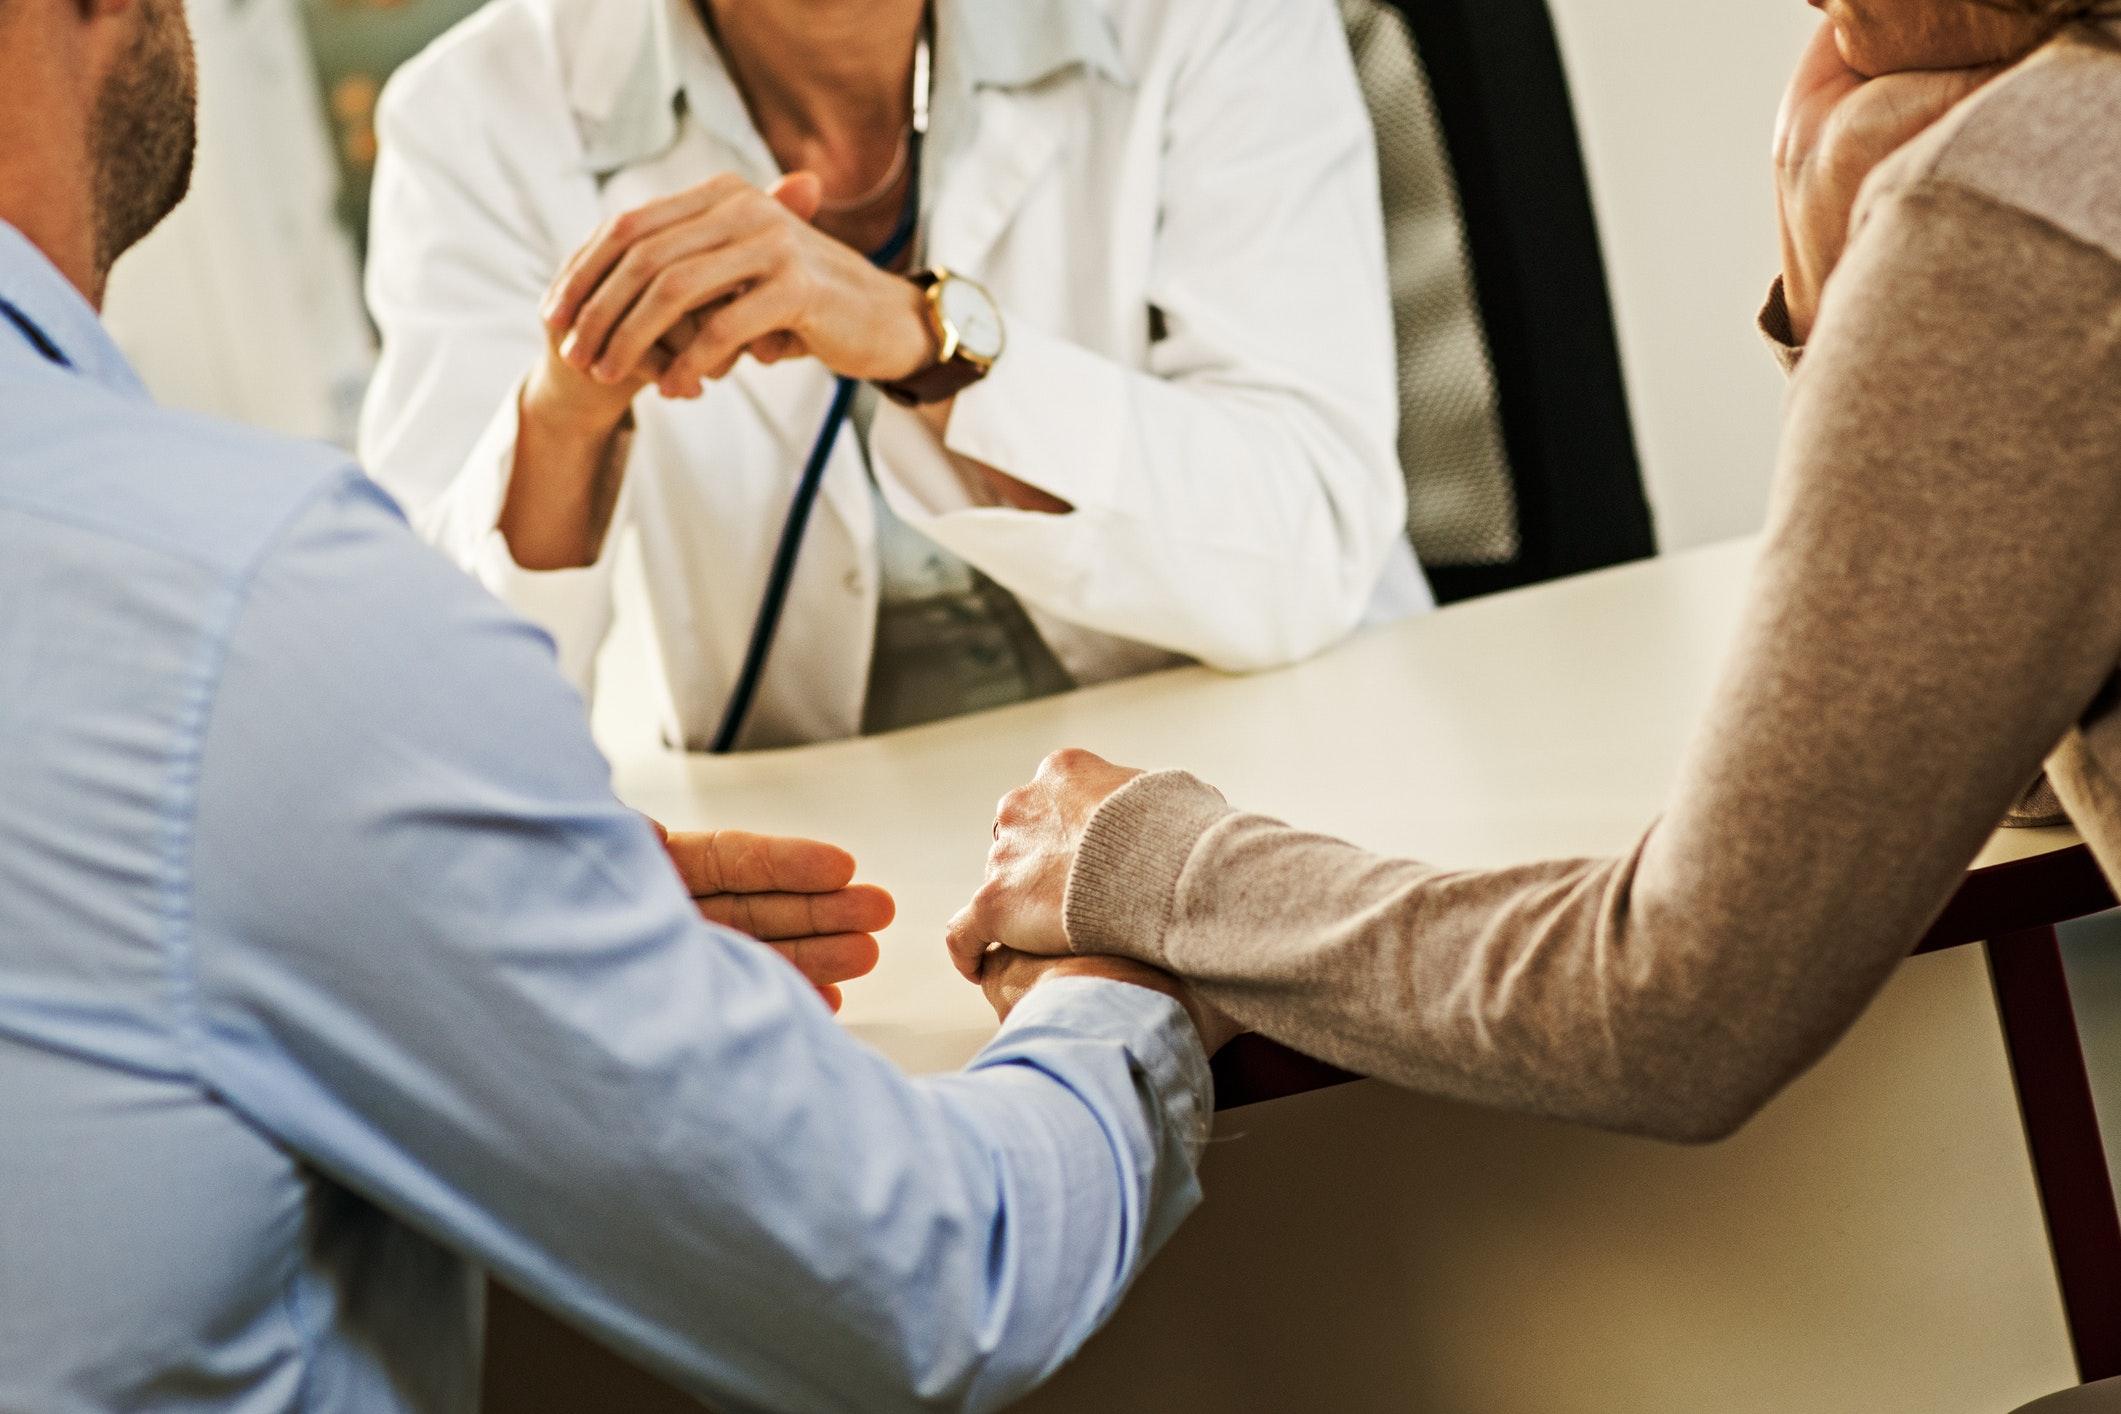 Une décision en concertation avec les médecins